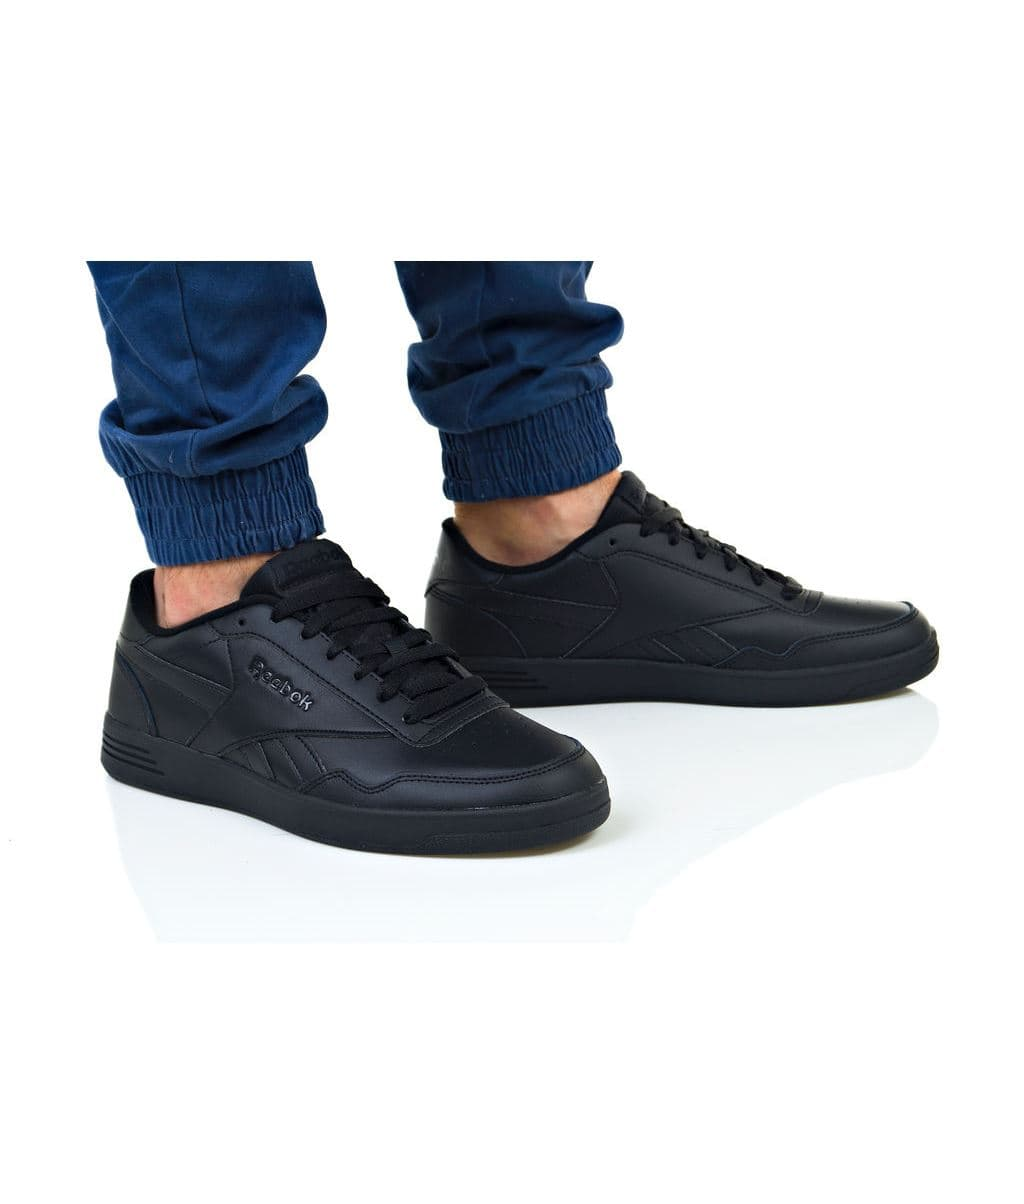 נעליים ריבוק לגברים Reebok ROYAL TECHQUE T - שחור מלא